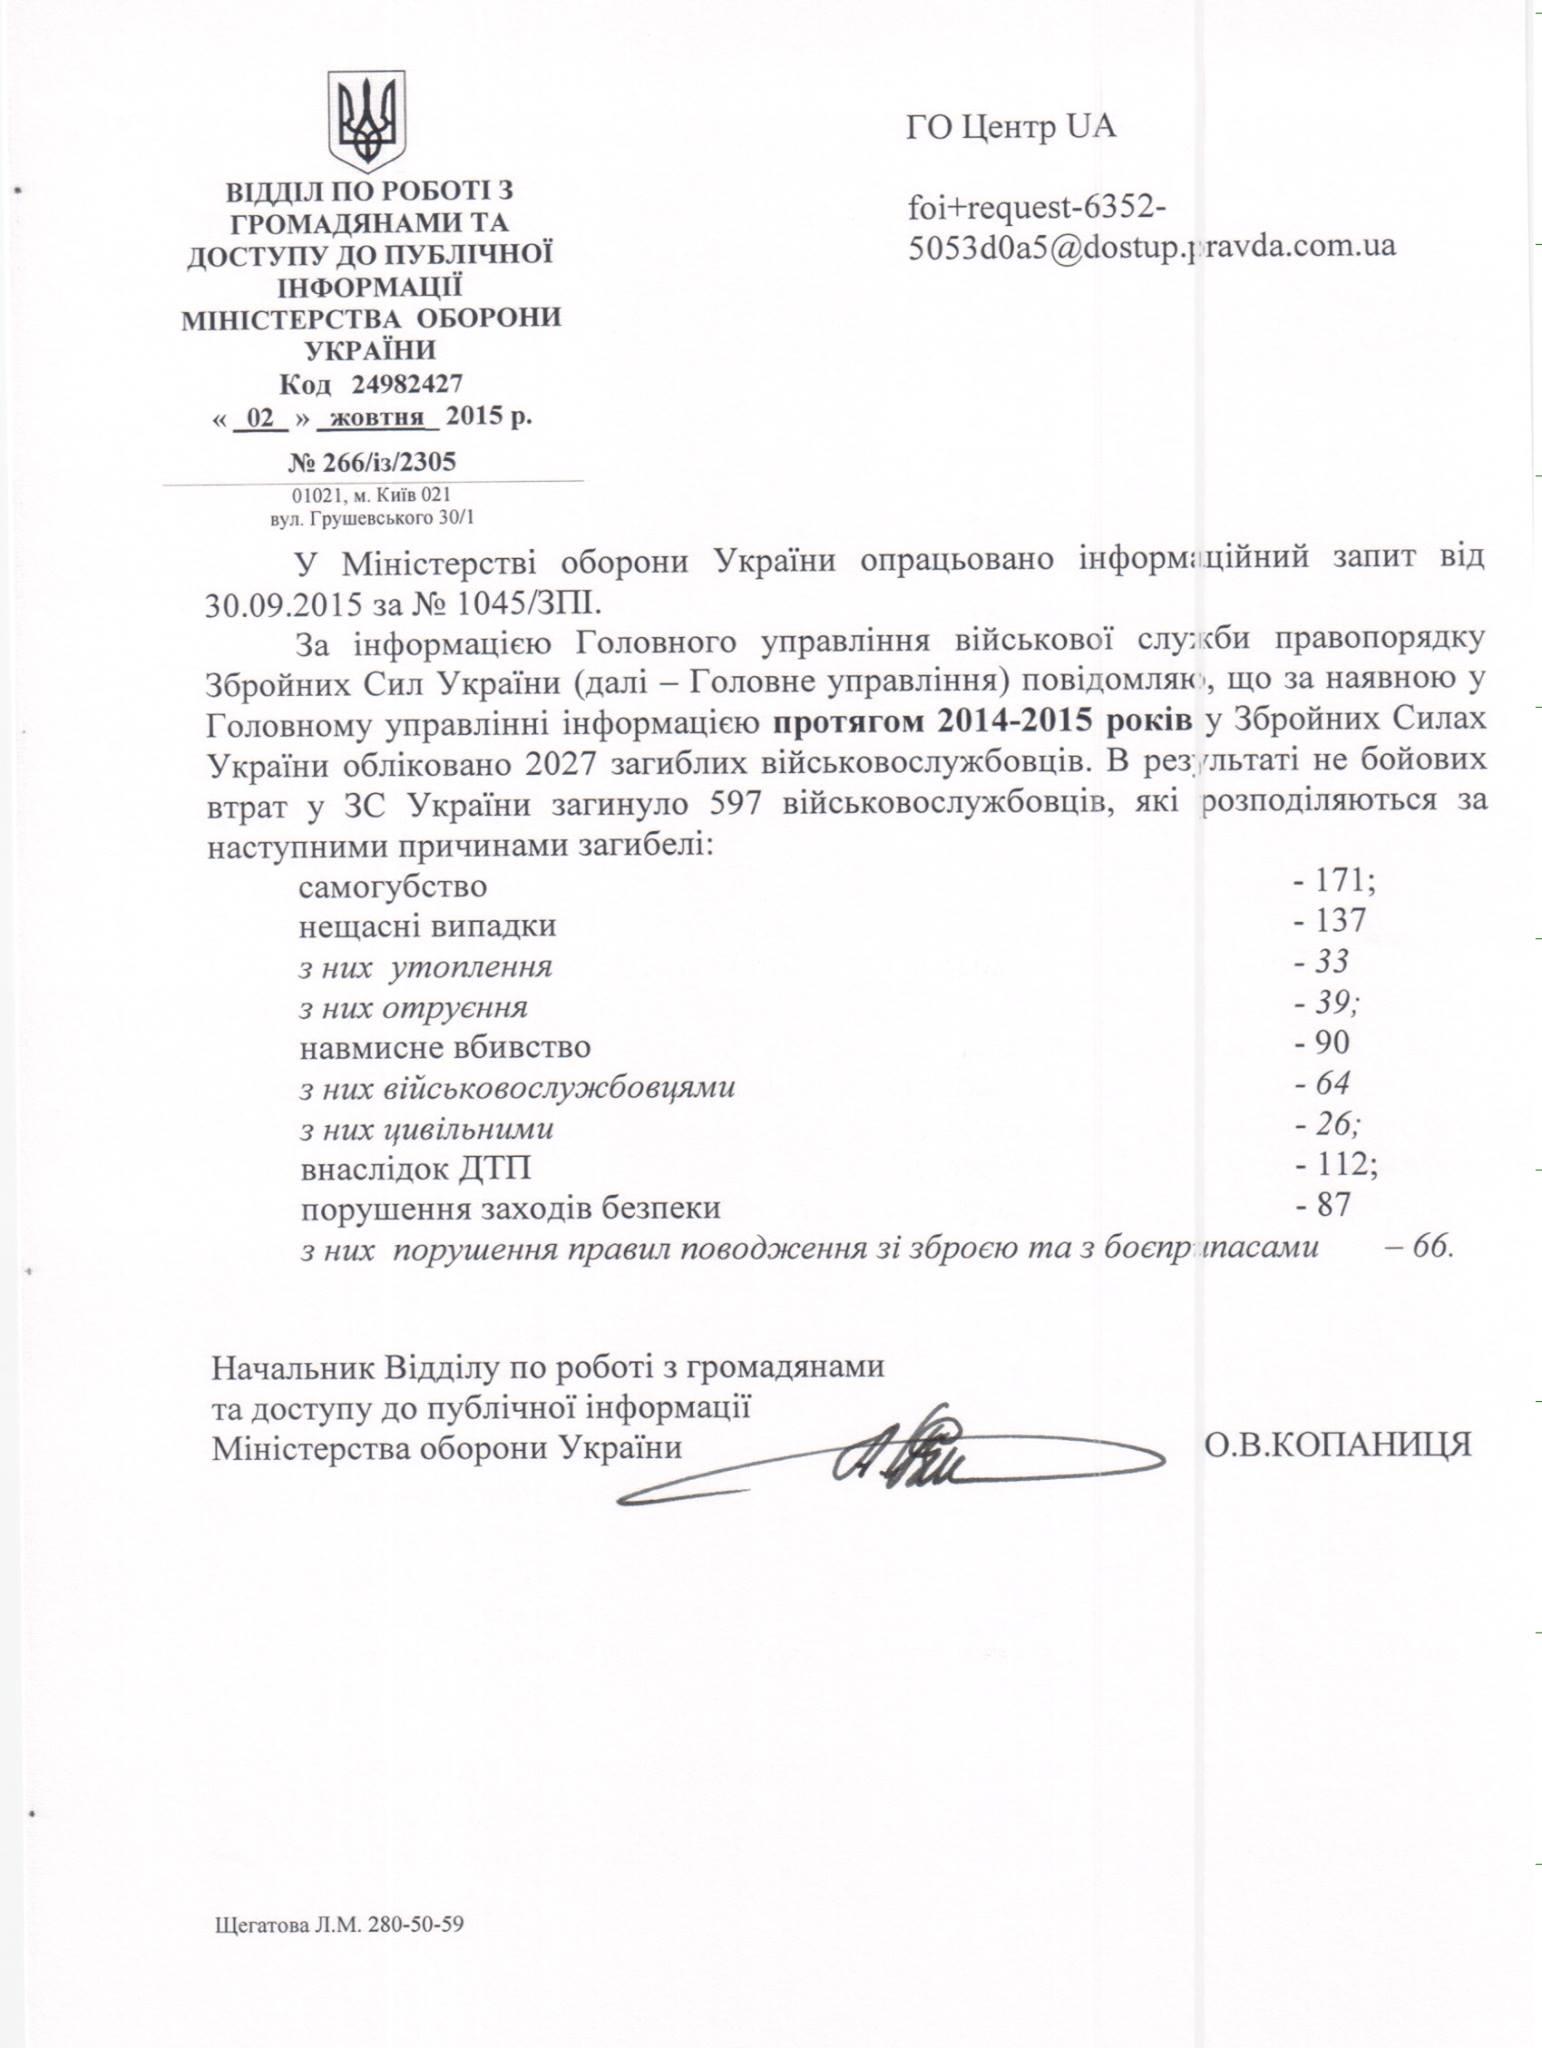 С начала войны в Донбассе погибли 2027 украинских военных